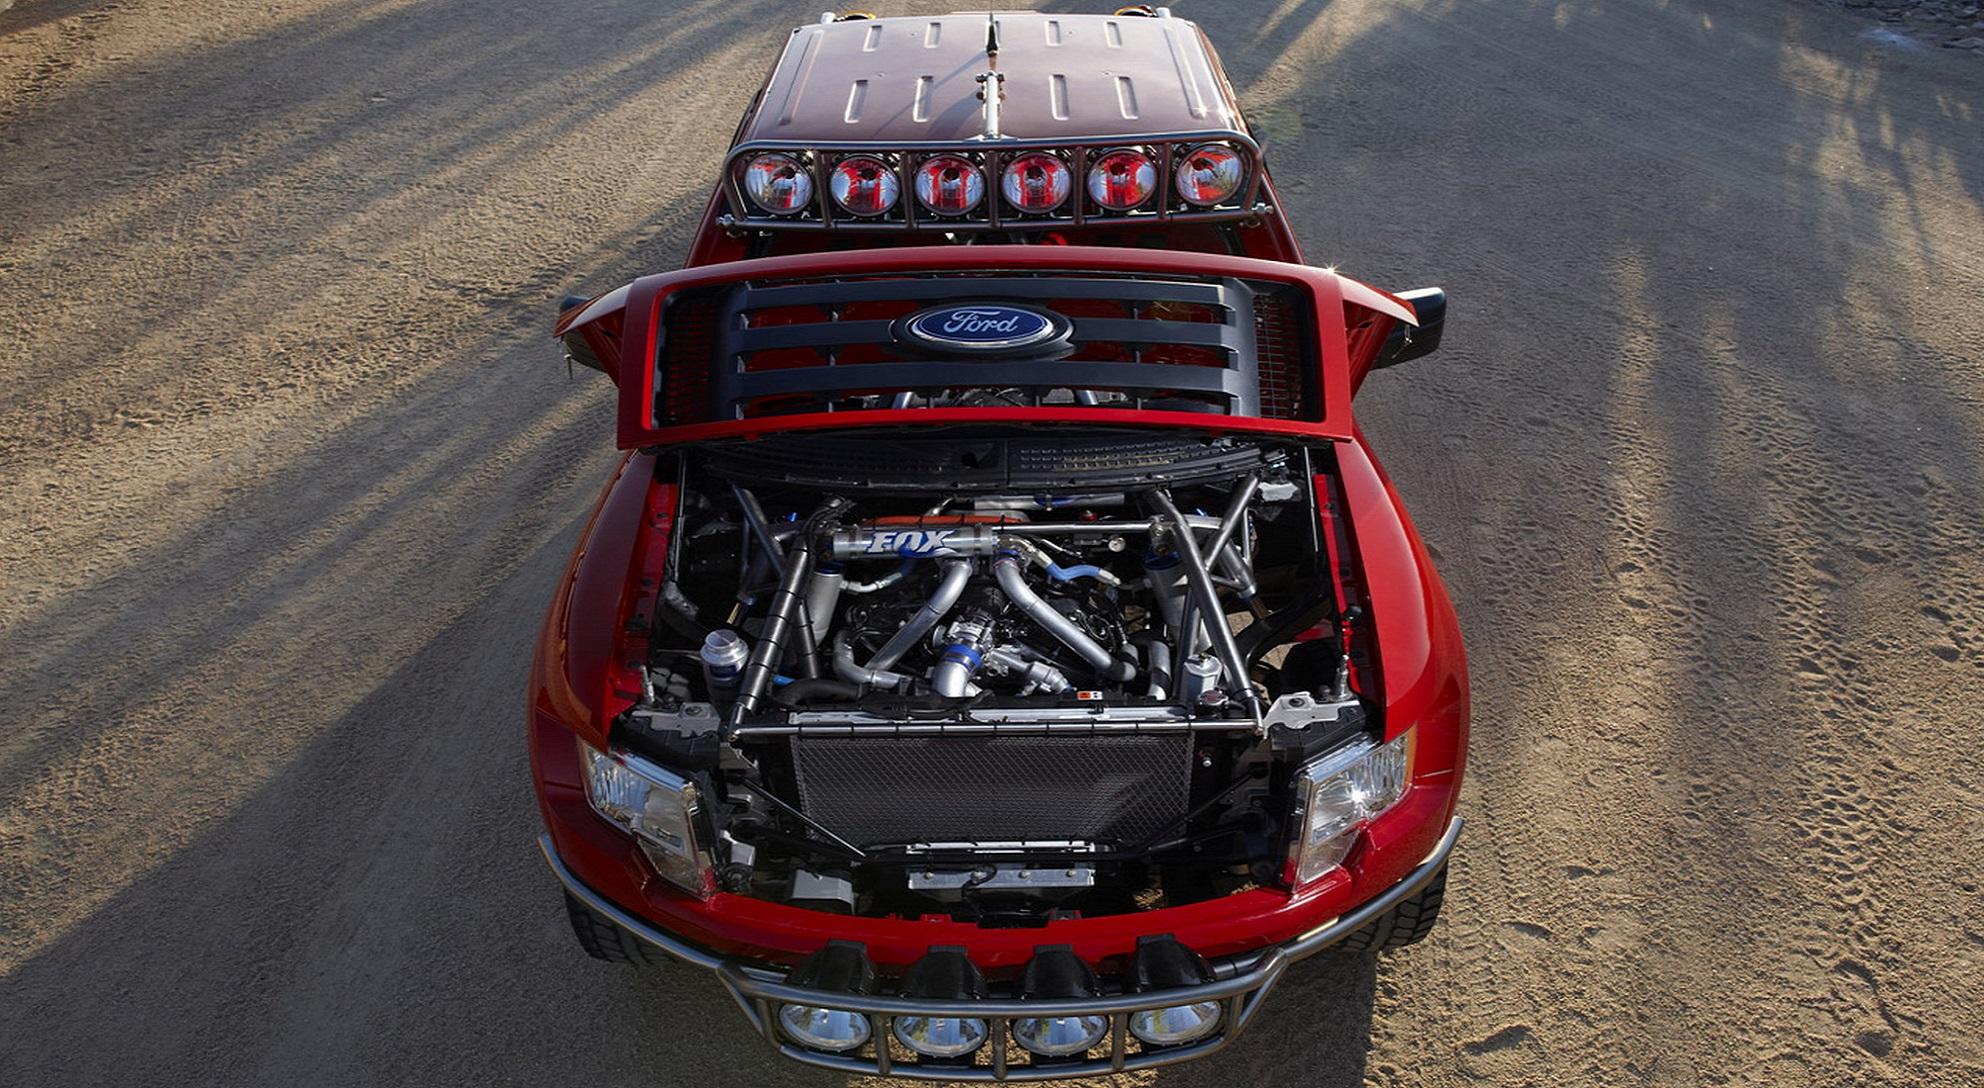 9 моделей небольших двигателей, которые доказали, что объем не имеет решающего значения